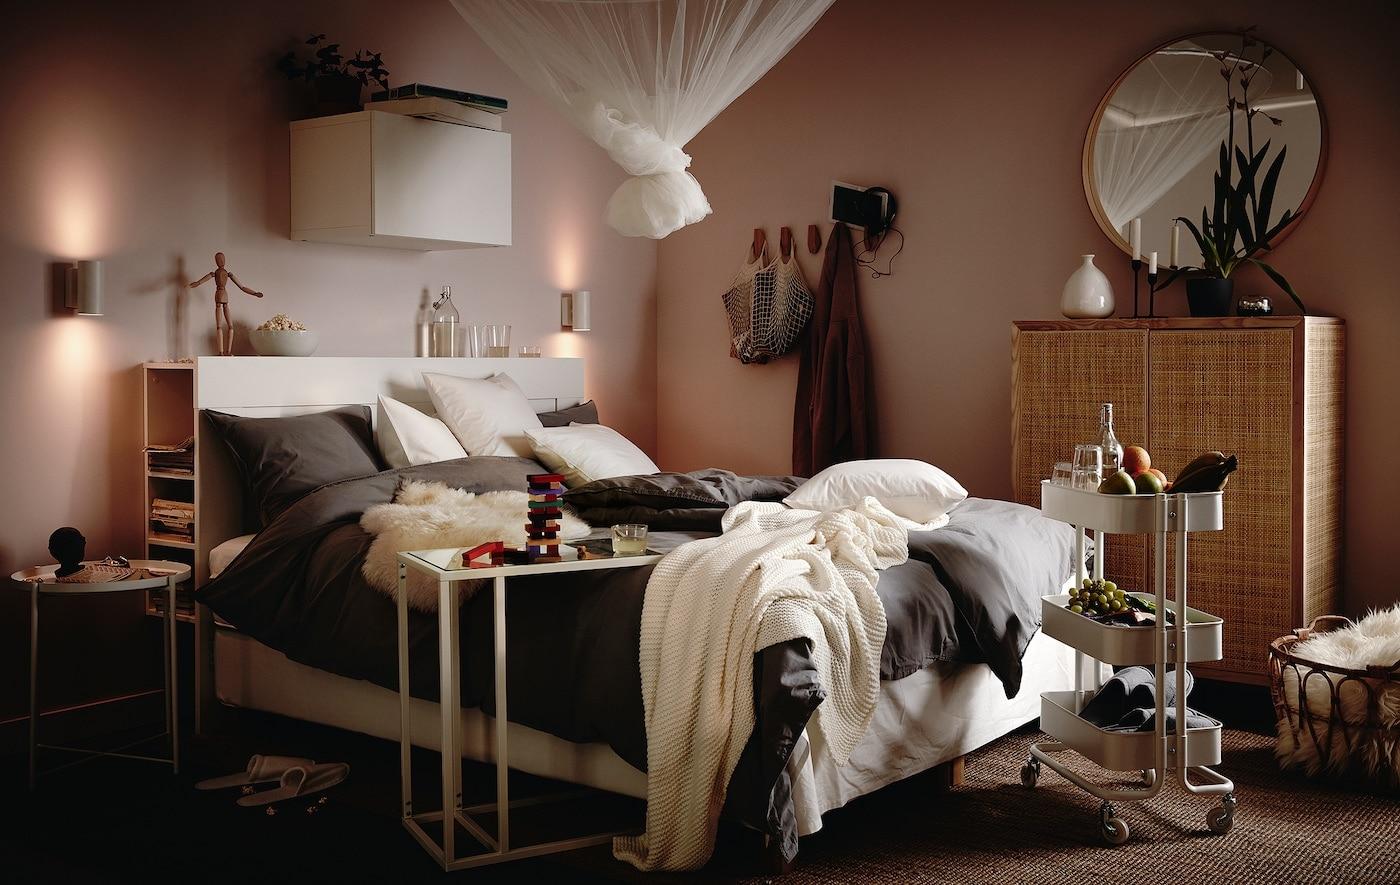 Мягкая кровать, подушки и пледы, тележка с едой и напитками, завязанный узлом сетчатый полог.